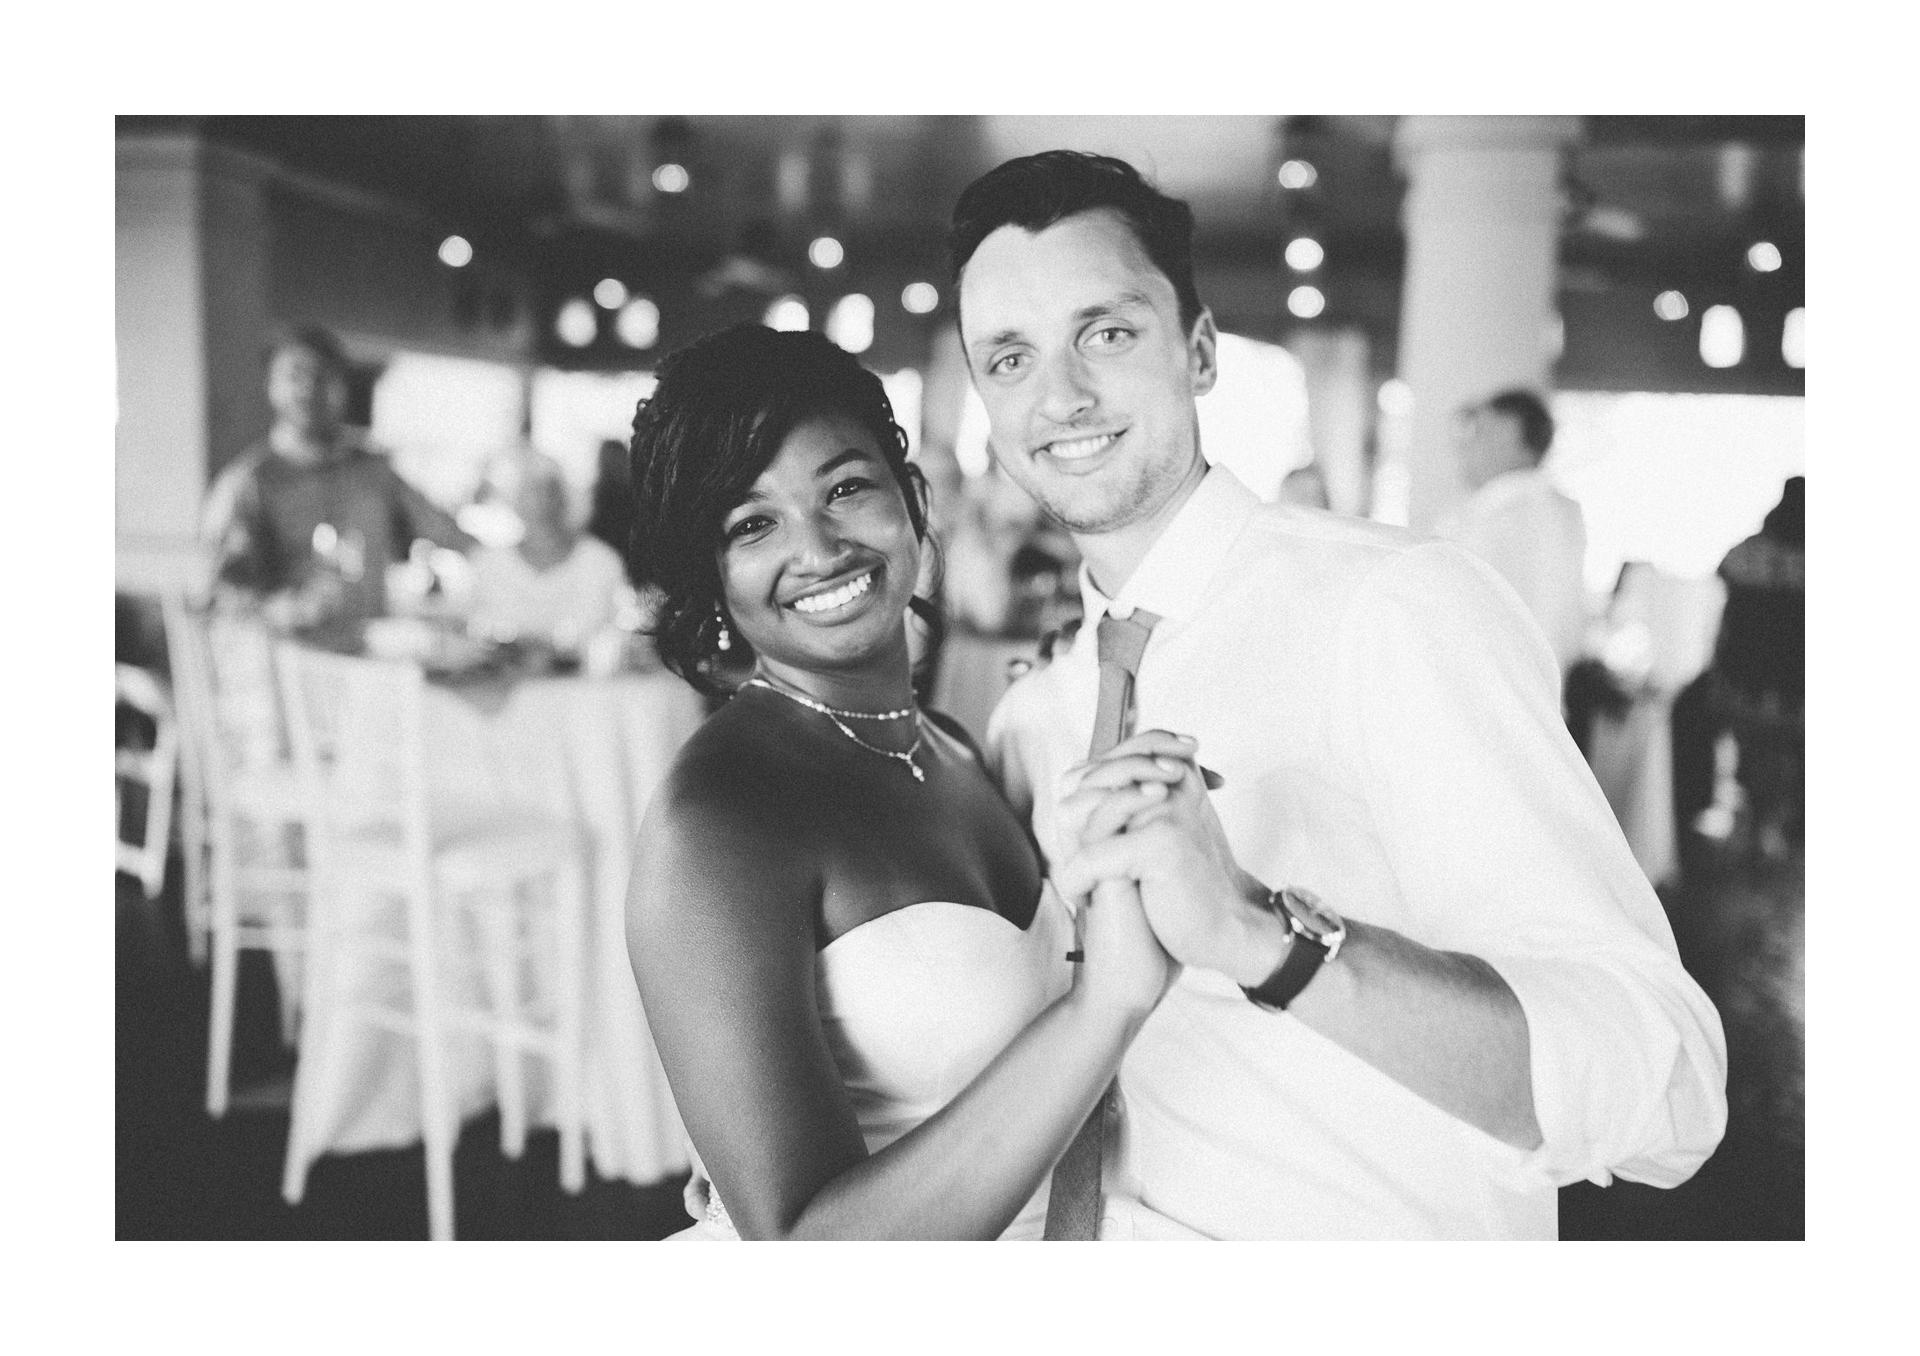 Gervasi Wedding Photographer in Canton Ohio 88.jpg